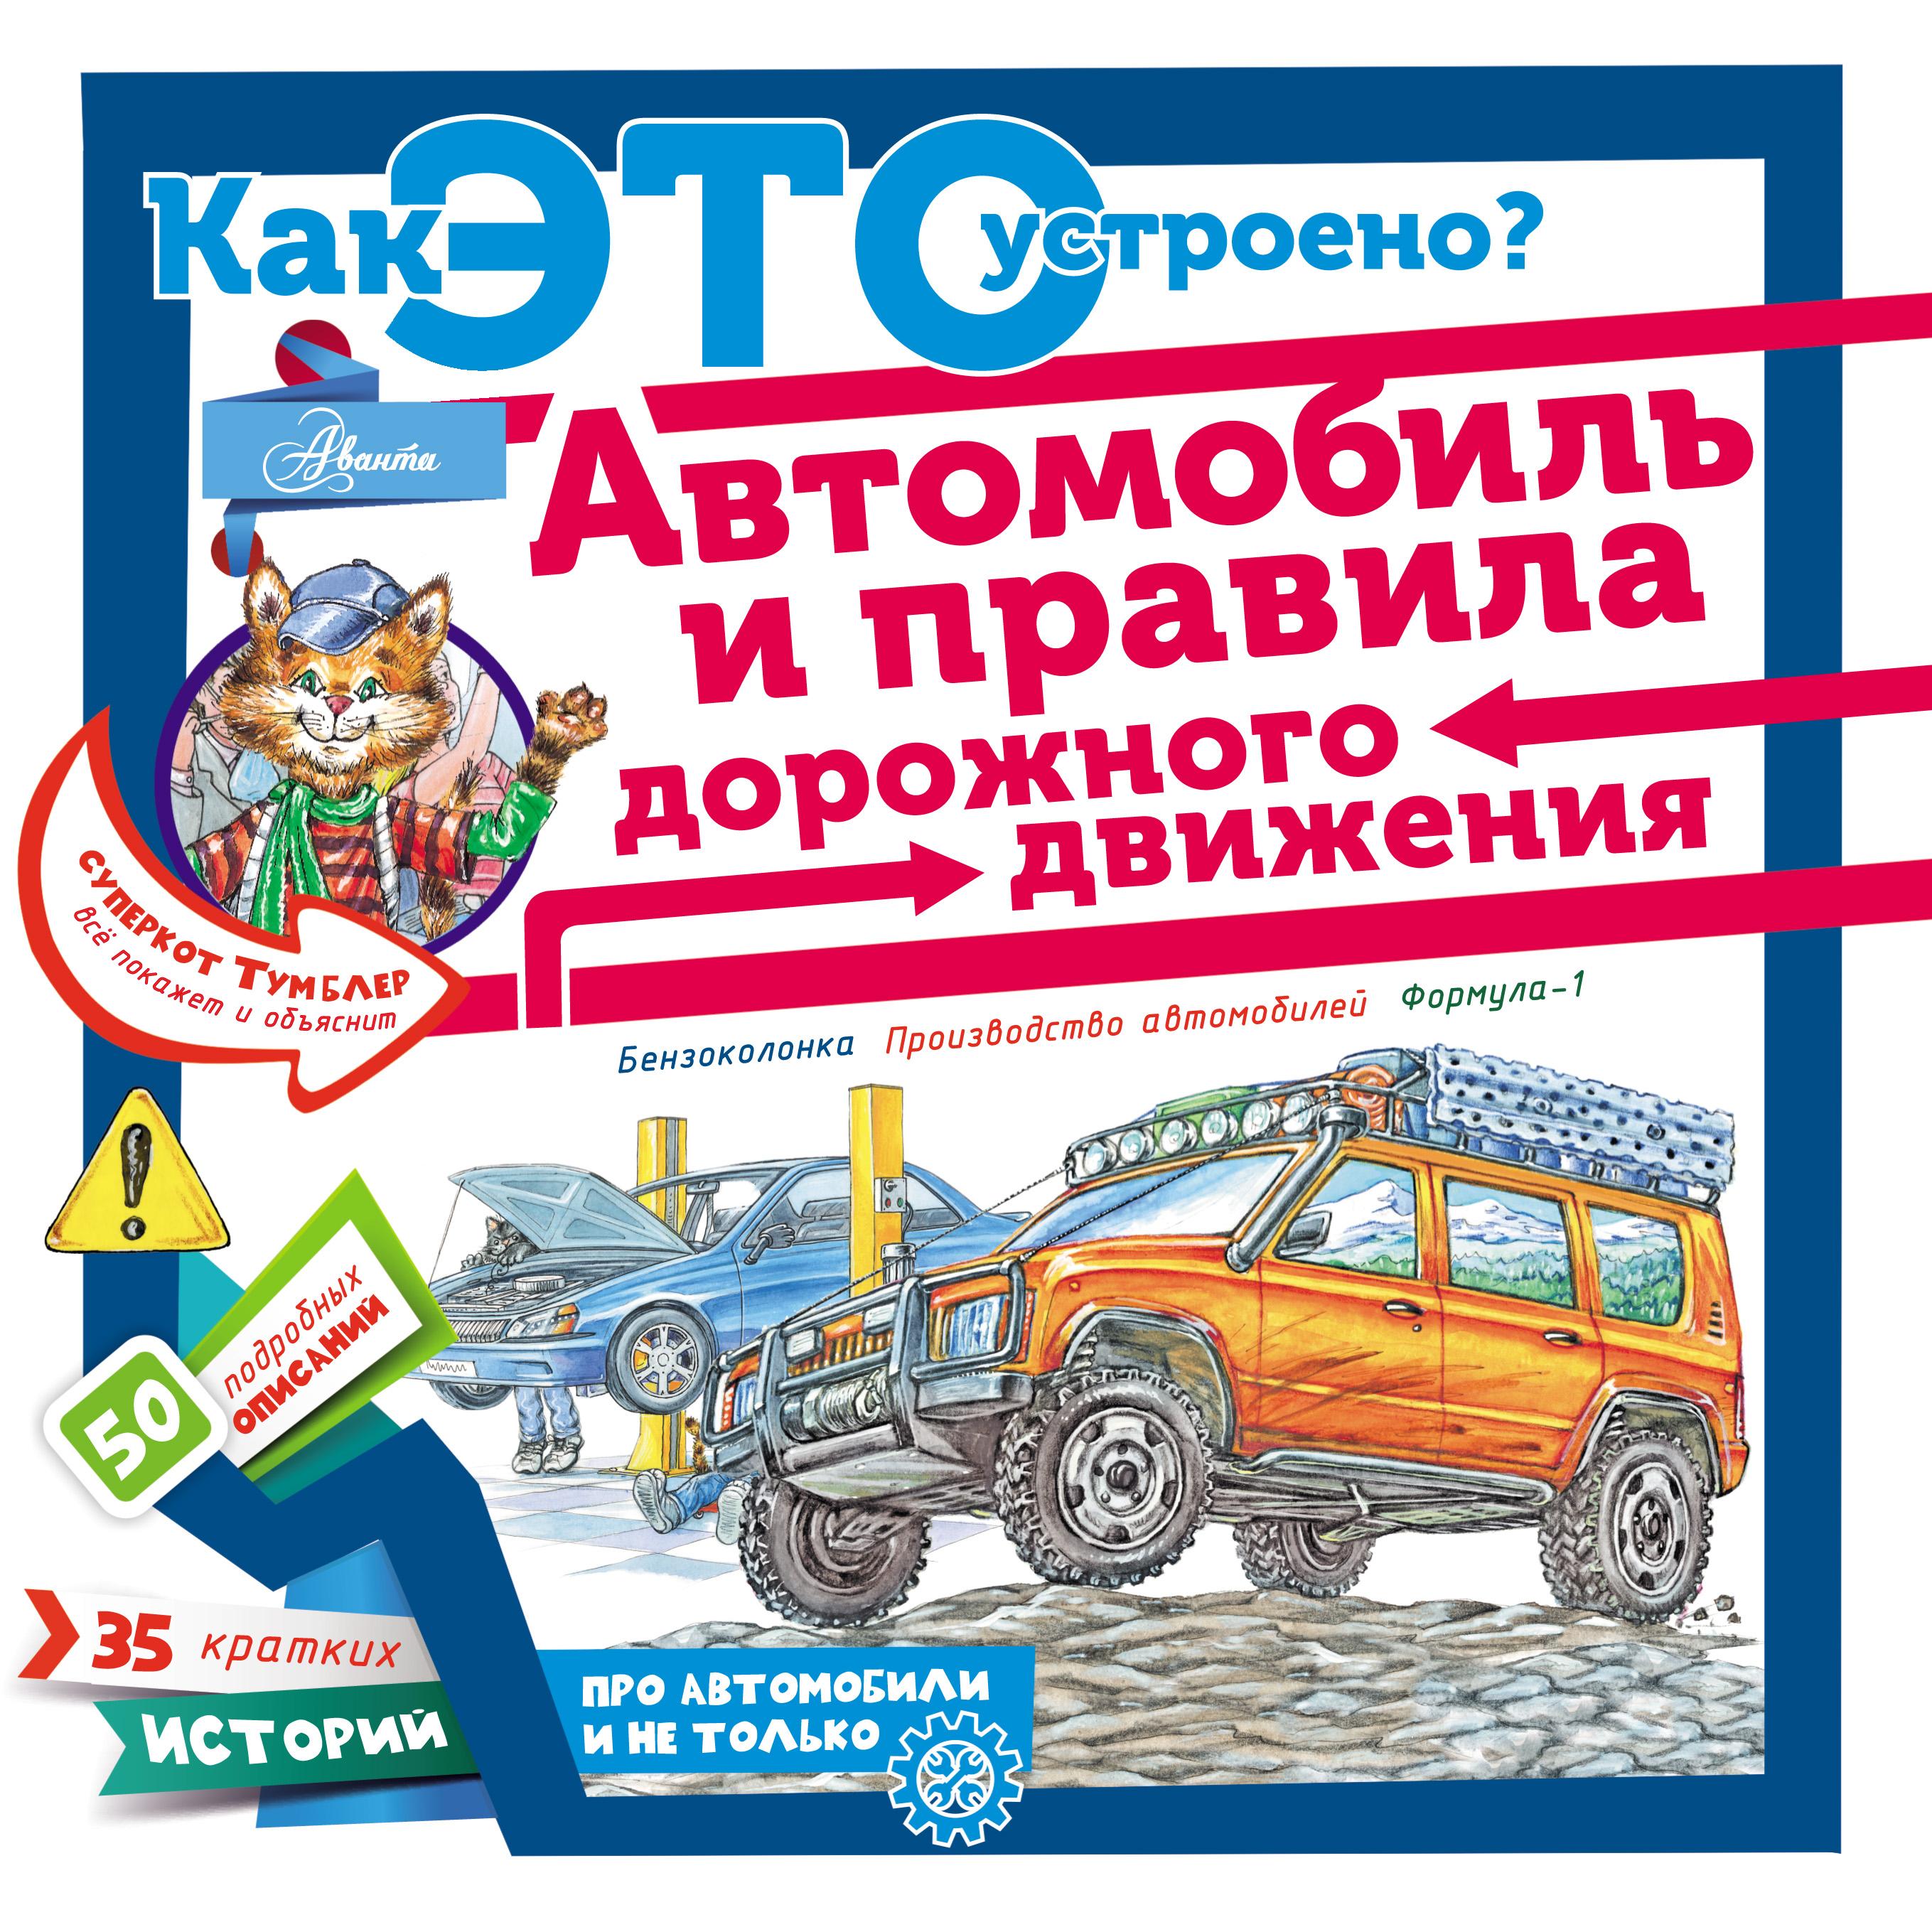 Владимир Малов Автомобиль и правила дорожного движения маслов виктор викторович правила дорожного движение в штрафах по состоянию на июнь 2014 года